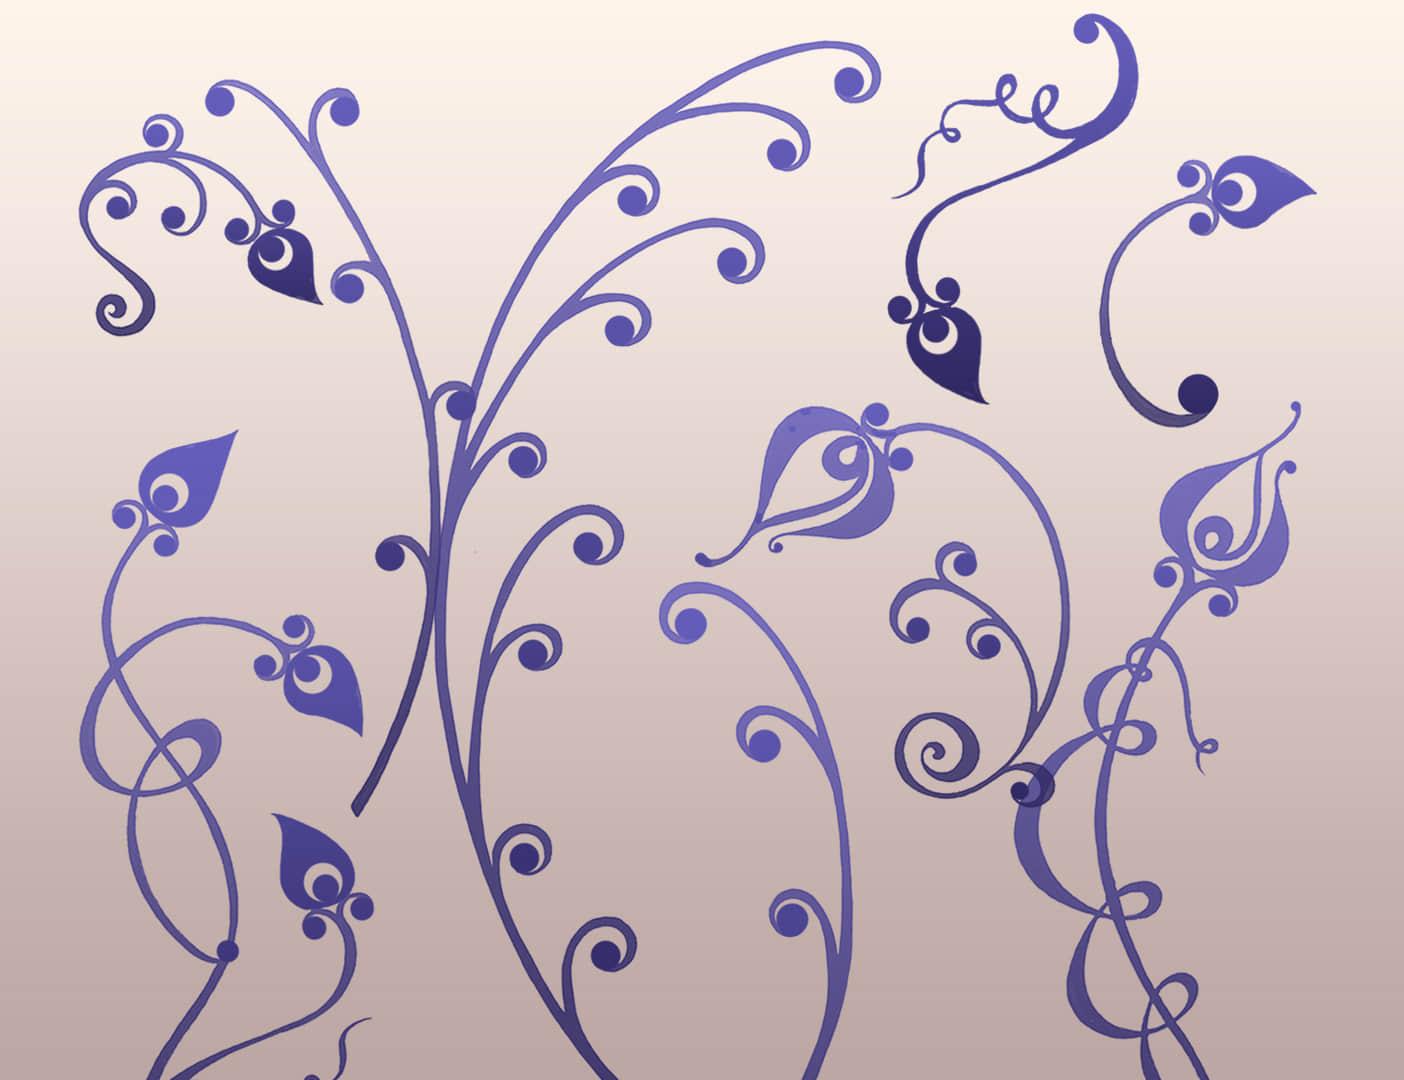 优雅的植物藤蔓艺术花纹图案PS笔刷下载 花纹笔刷 植物花纹笔刷 优雅的花纹笔刷  flowers brushes